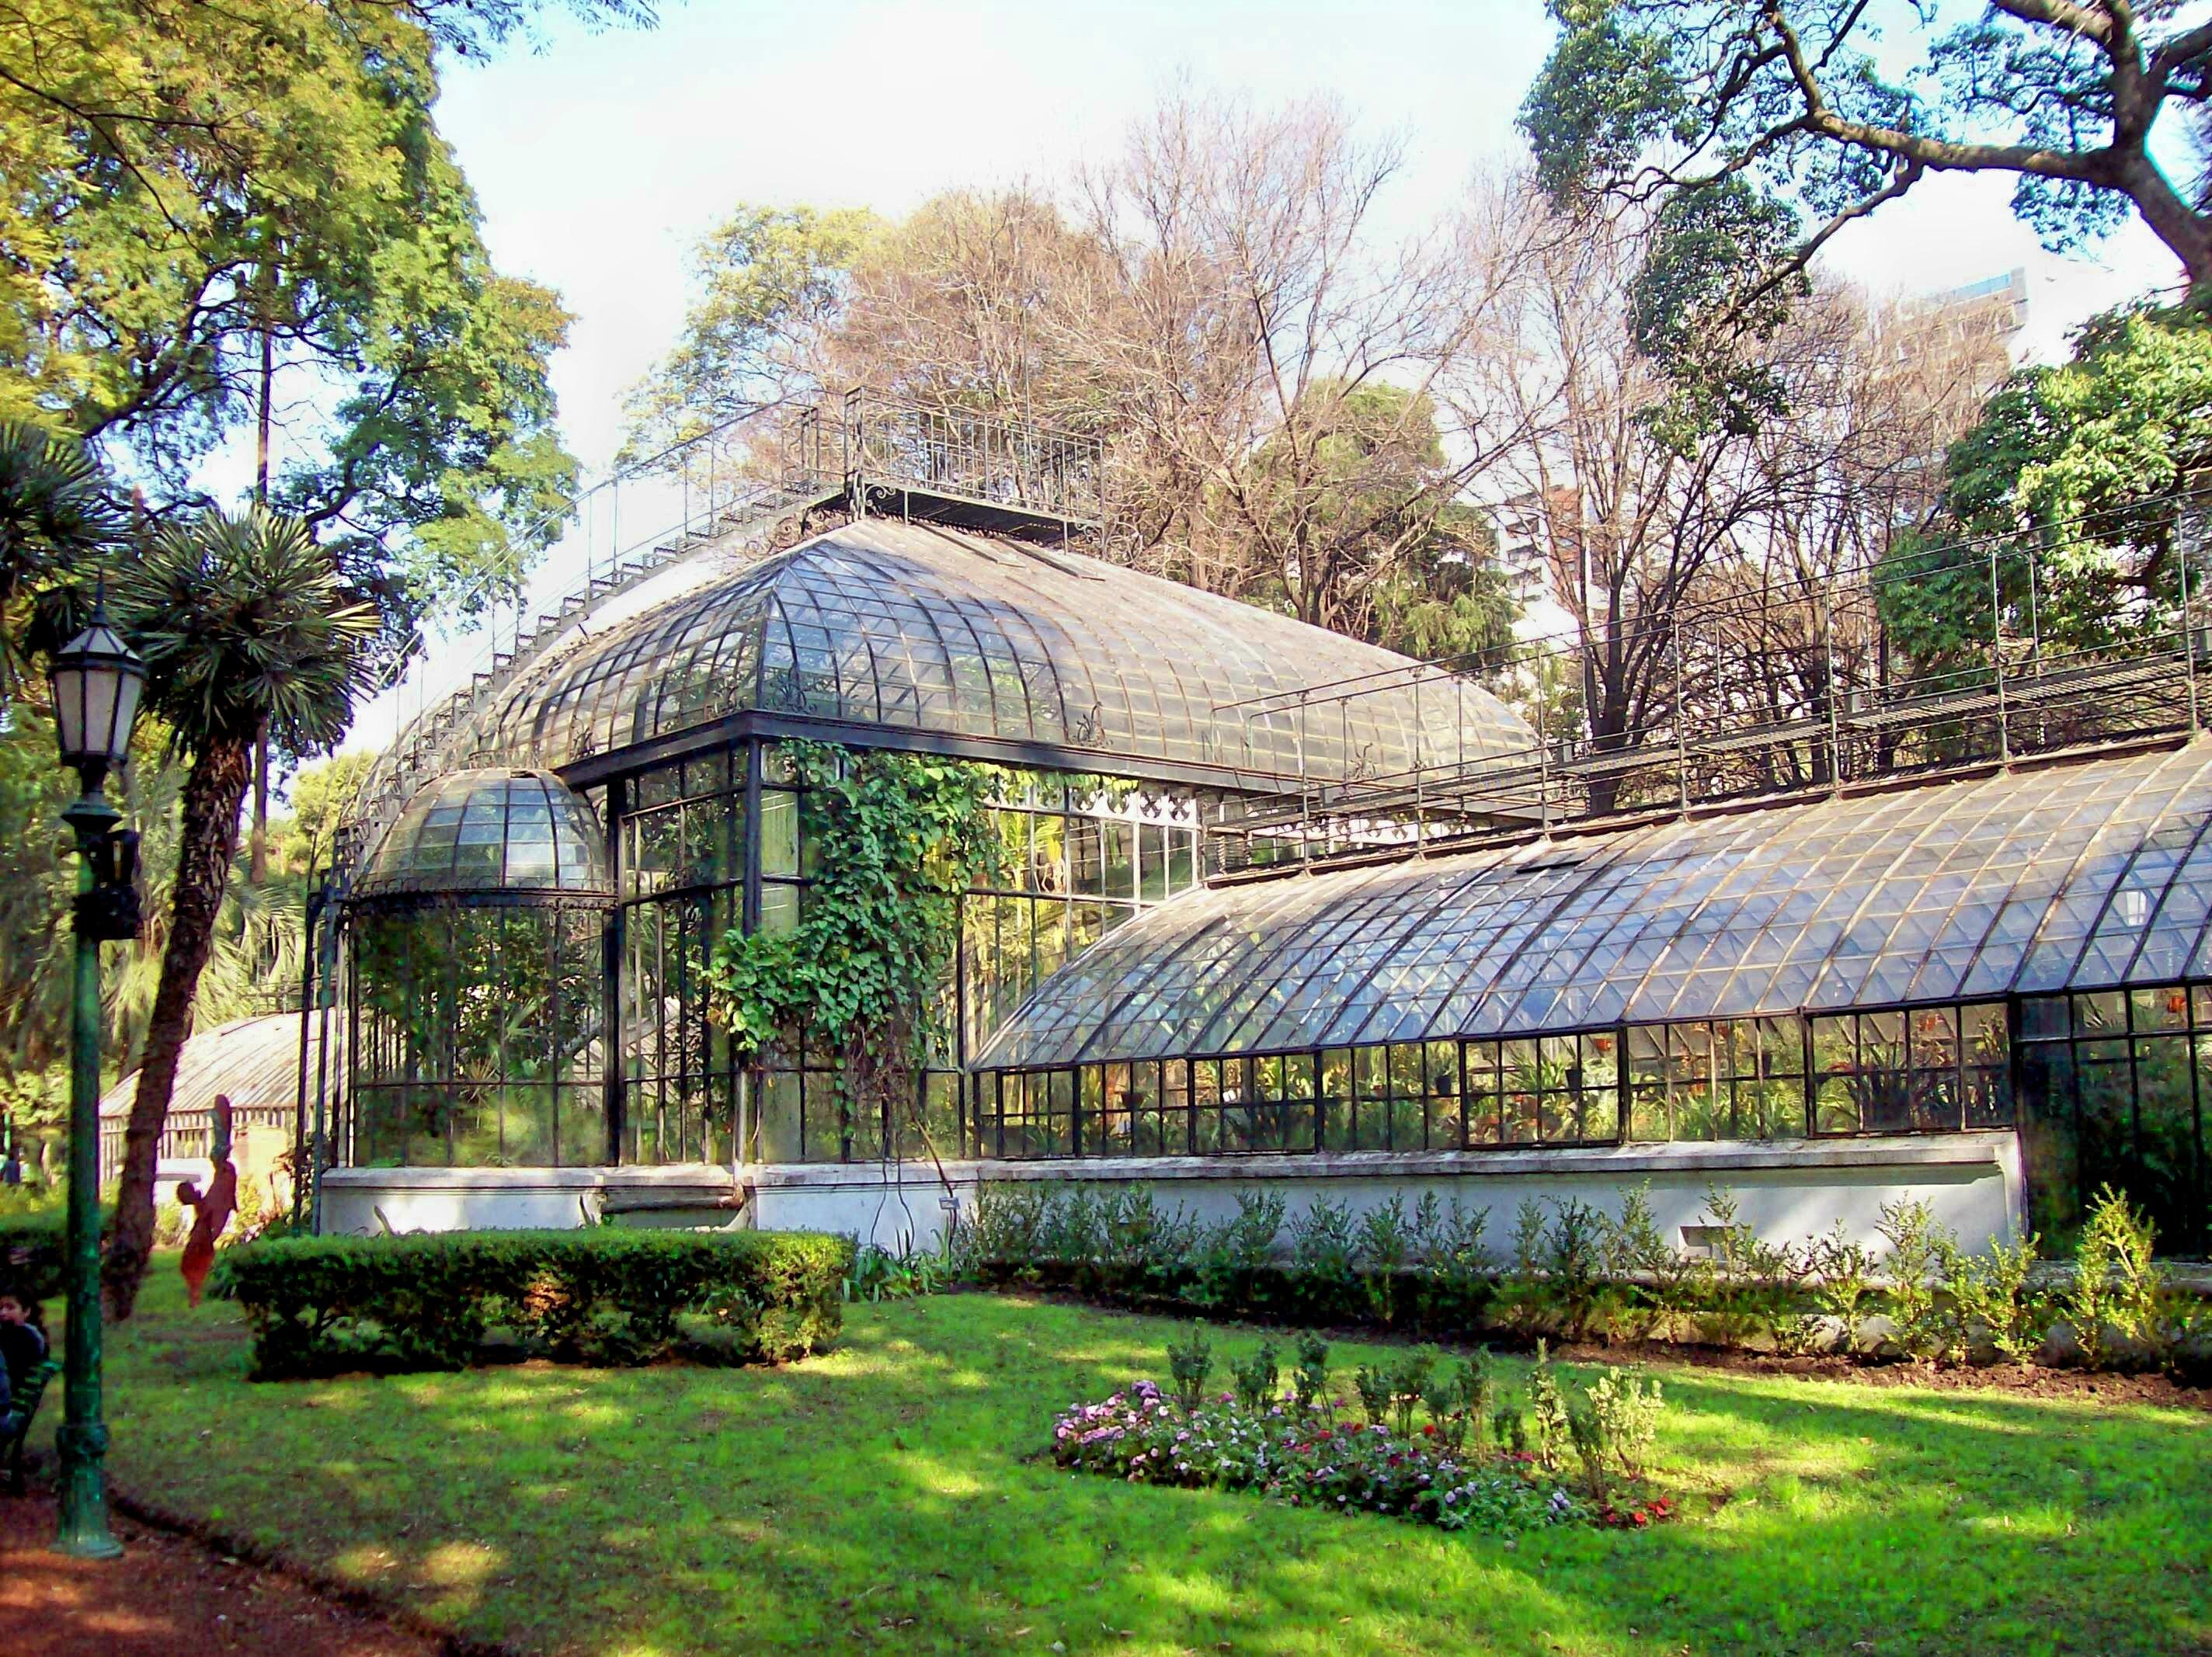 Cómo llegar al Jardín Botánico